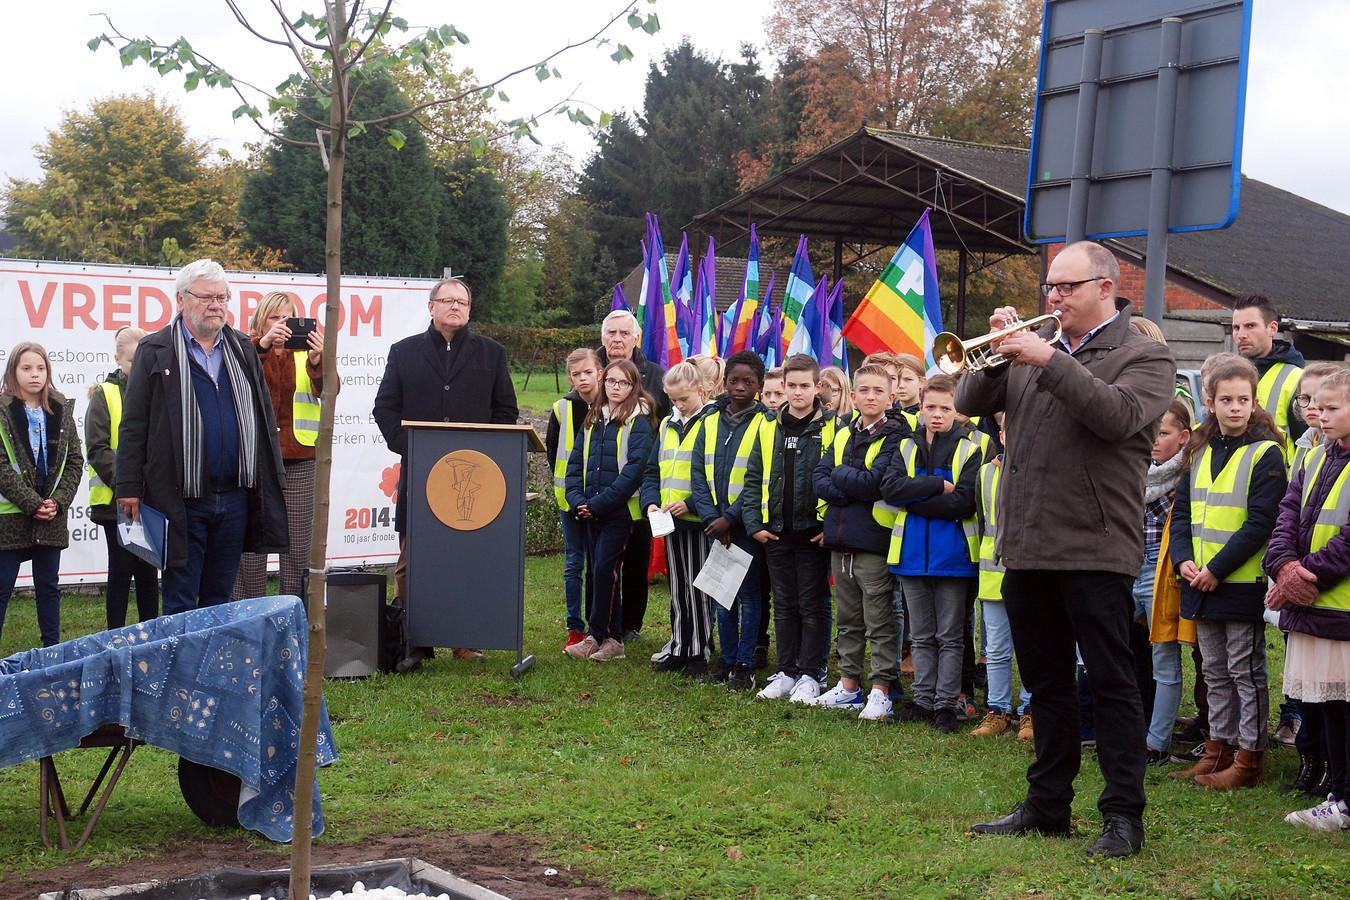 Zo'n honderd leerlingen van drie scholen hielden woensdag een herdenkingsmoment aan de vredesboom.